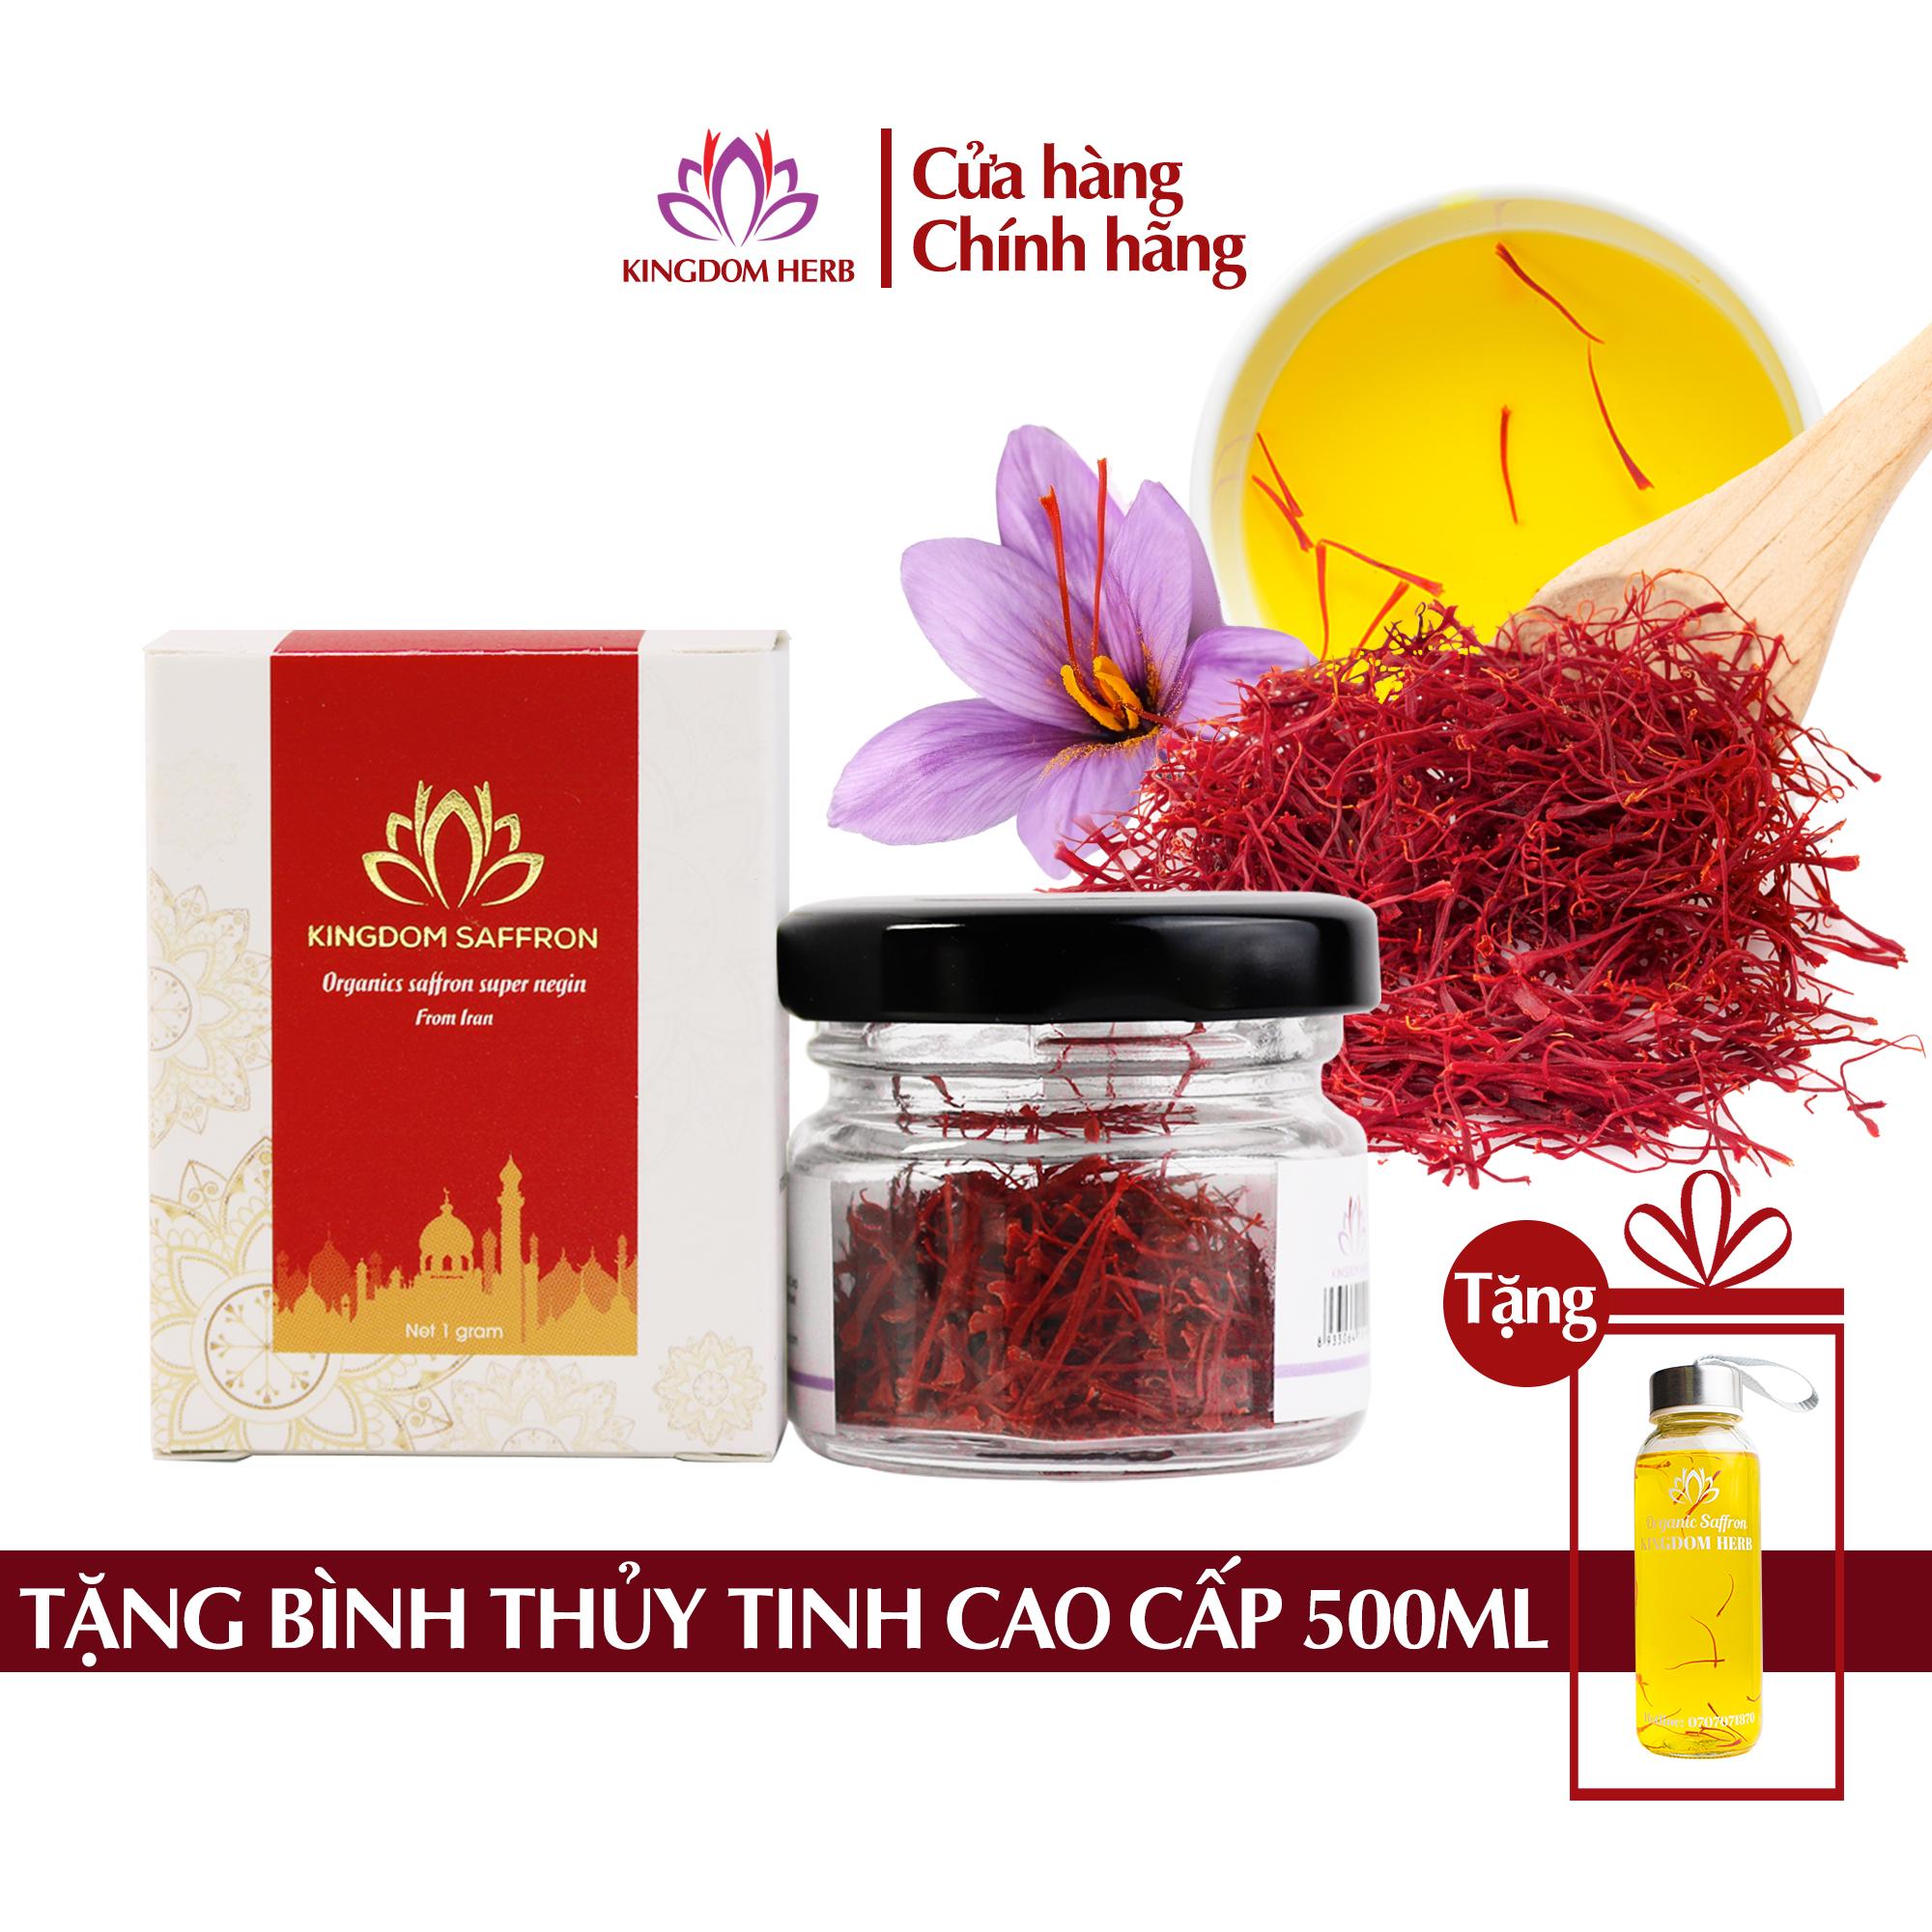 Saffron nhụy hoa nghệ tây Kingdom Iran chính hãng loại super negin thượng hạng hộp 1 gram